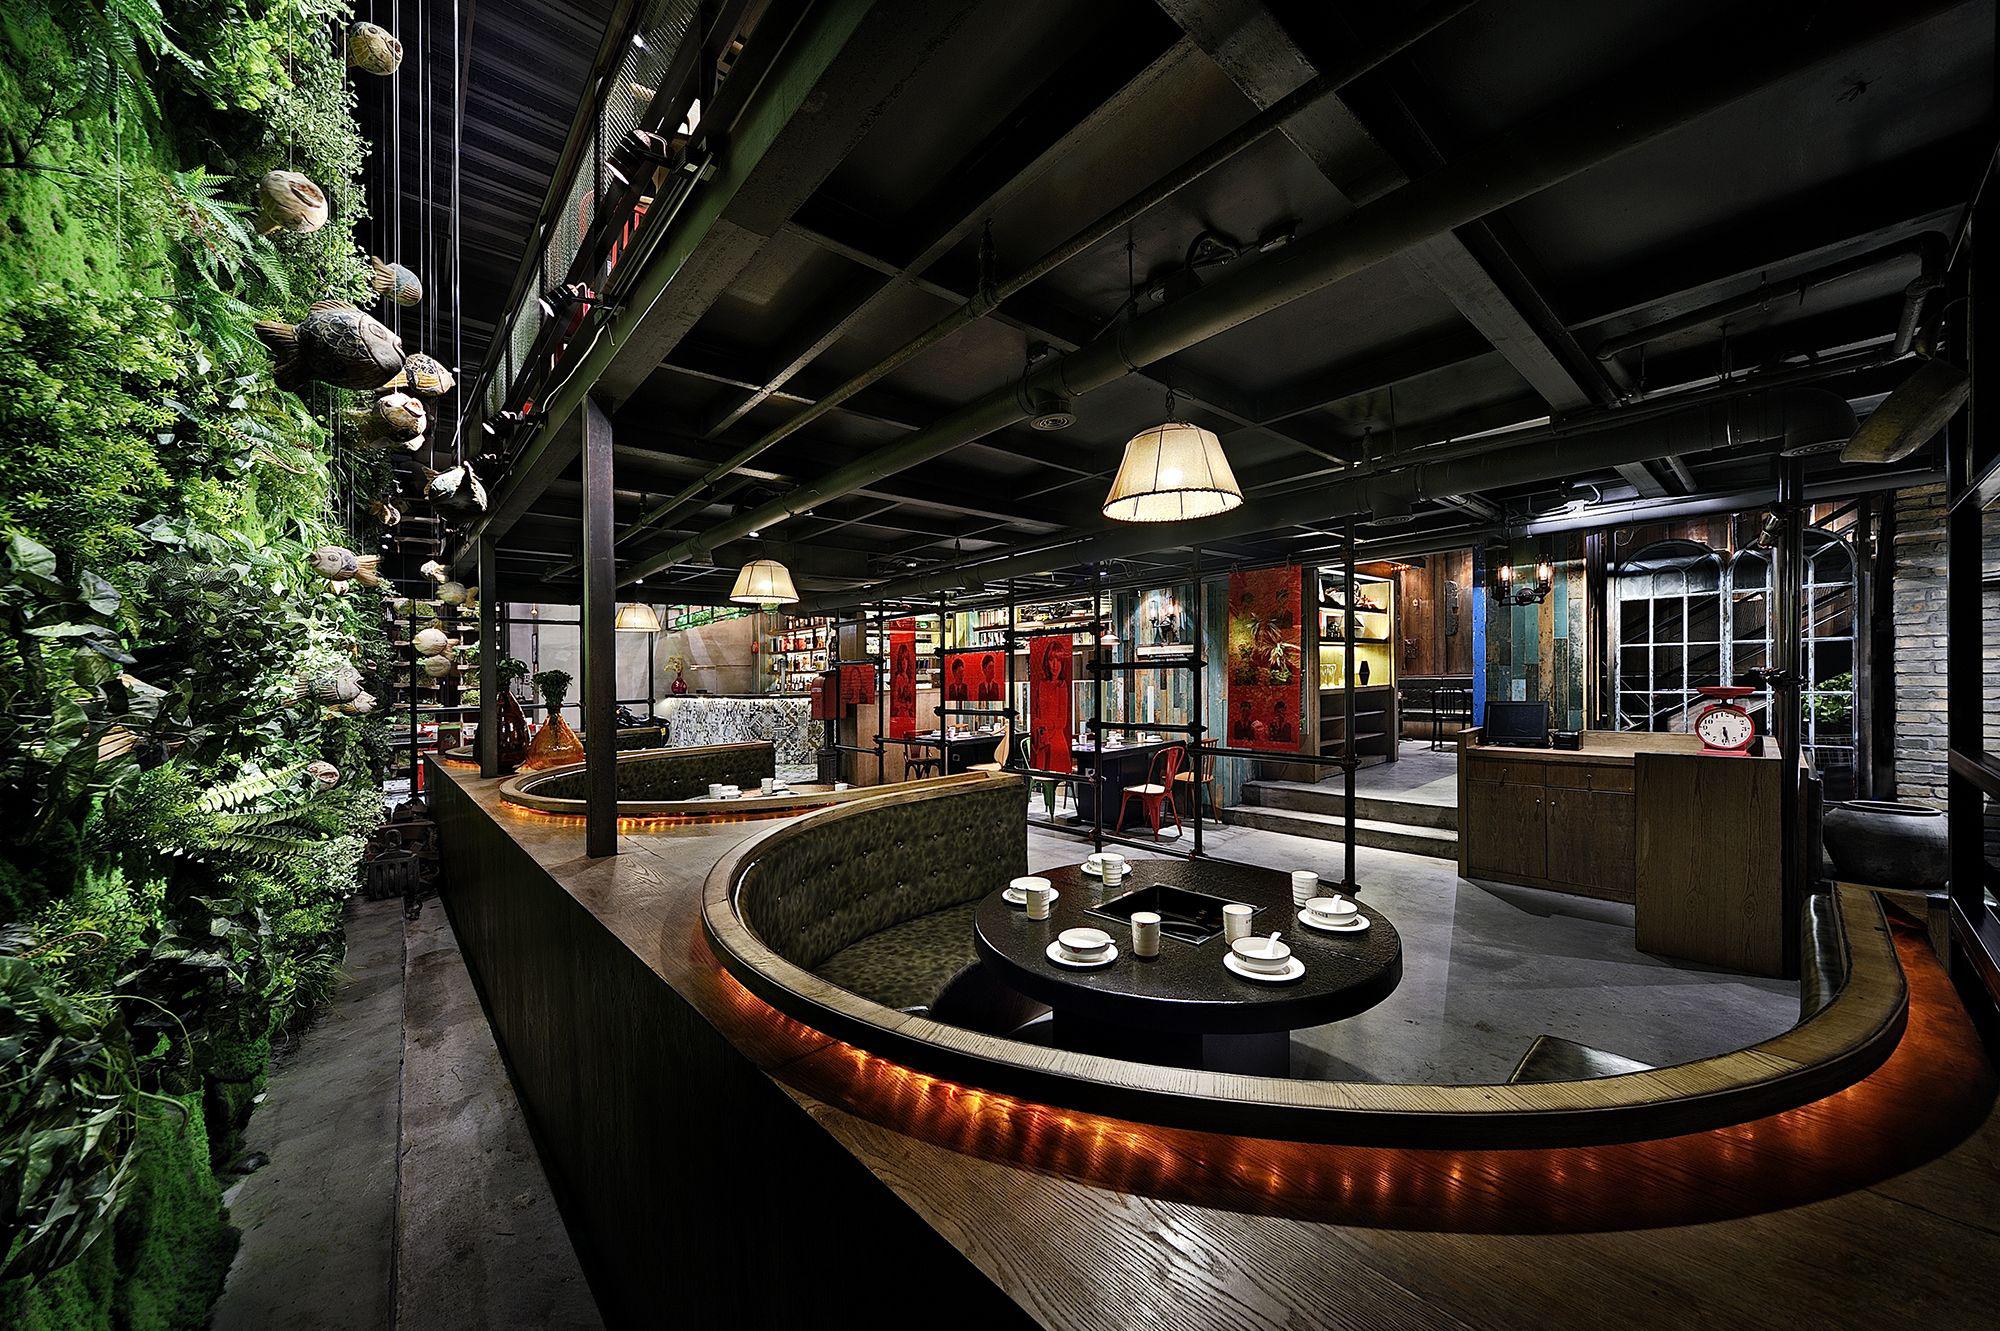 二,火锅店装修设计风格--酒吧工业风:工业风近几年十分盛行,同时也在